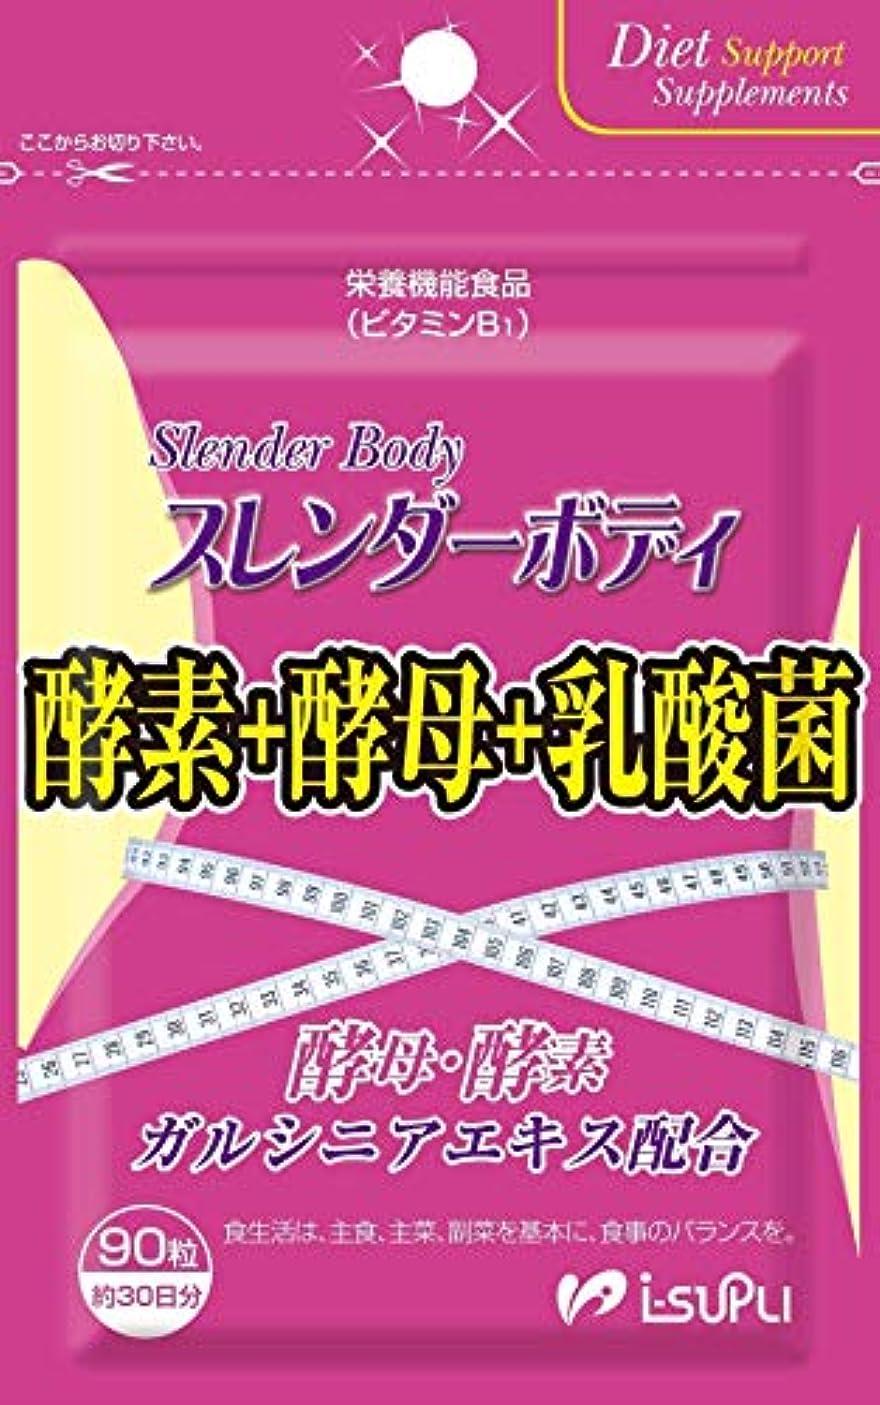 主要な繊毛敏感な生酵素サプリ スレンダーボディ ダイエットサプリメント 乳酸菌 日本製 90粒